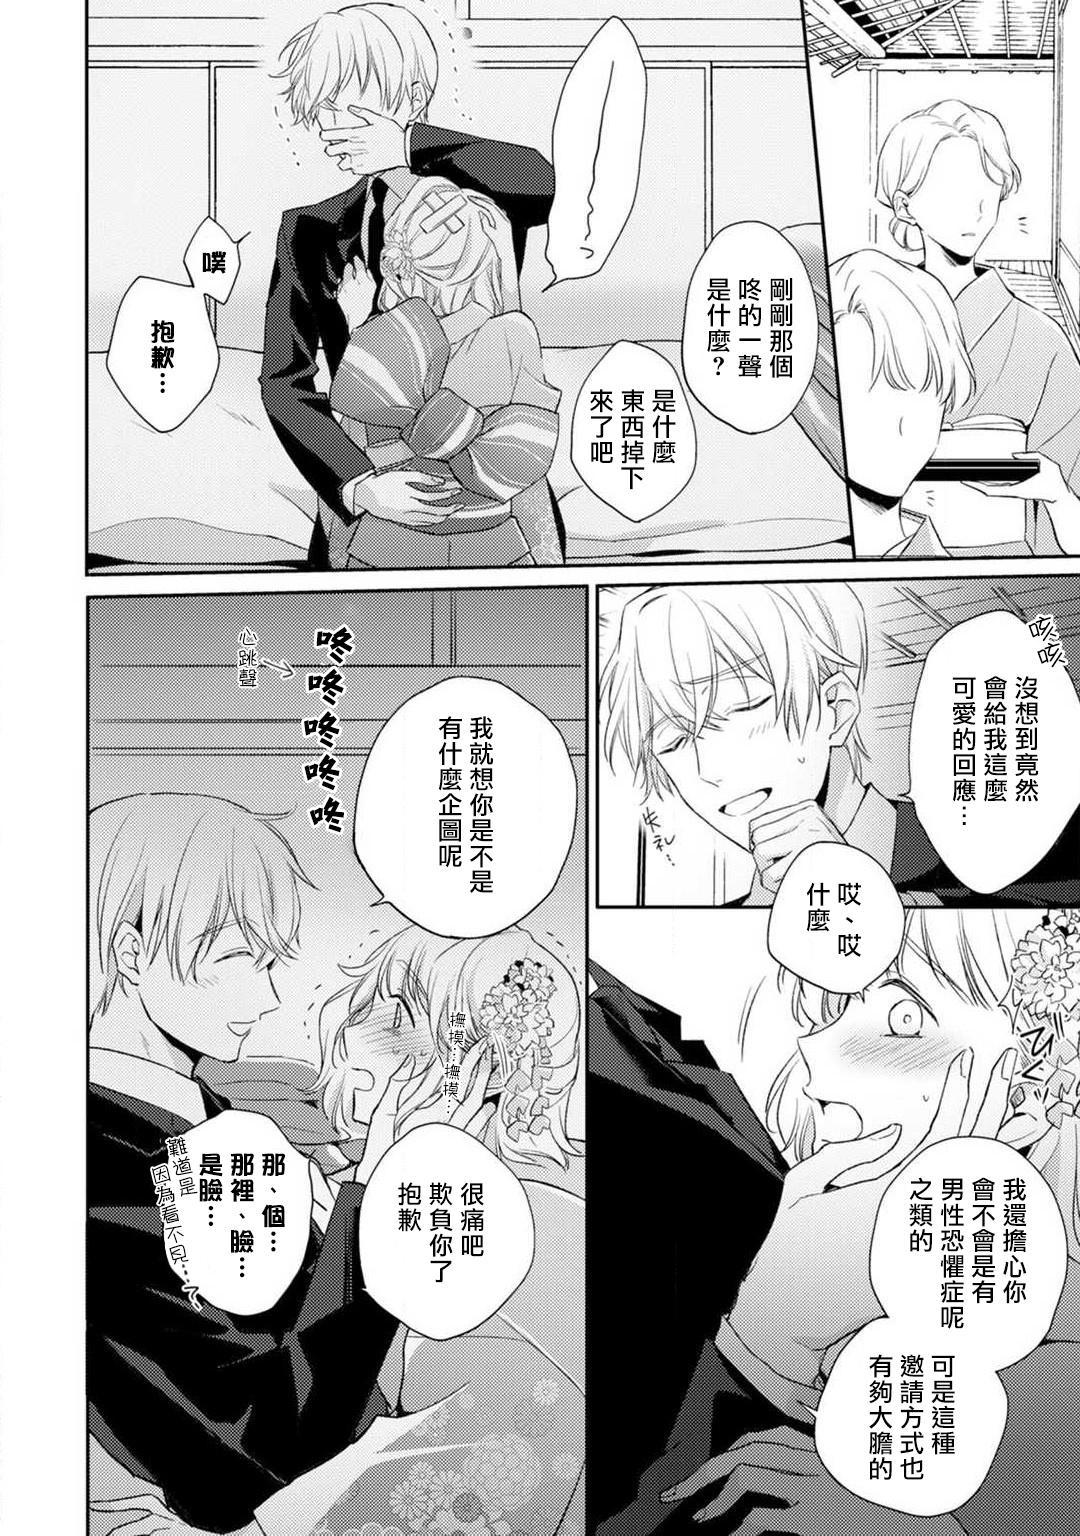 [Shichigatsu Motomi]  Sonna Kao shite, Sasotteru? ~Dekiai Shachou to Migawari Omiaikekkon!?~ 1-11  這種表情,在誘惑我嗎?~溺愛社長和替身相親結婚!? [Chinese] [拾荒者汉化组] 16